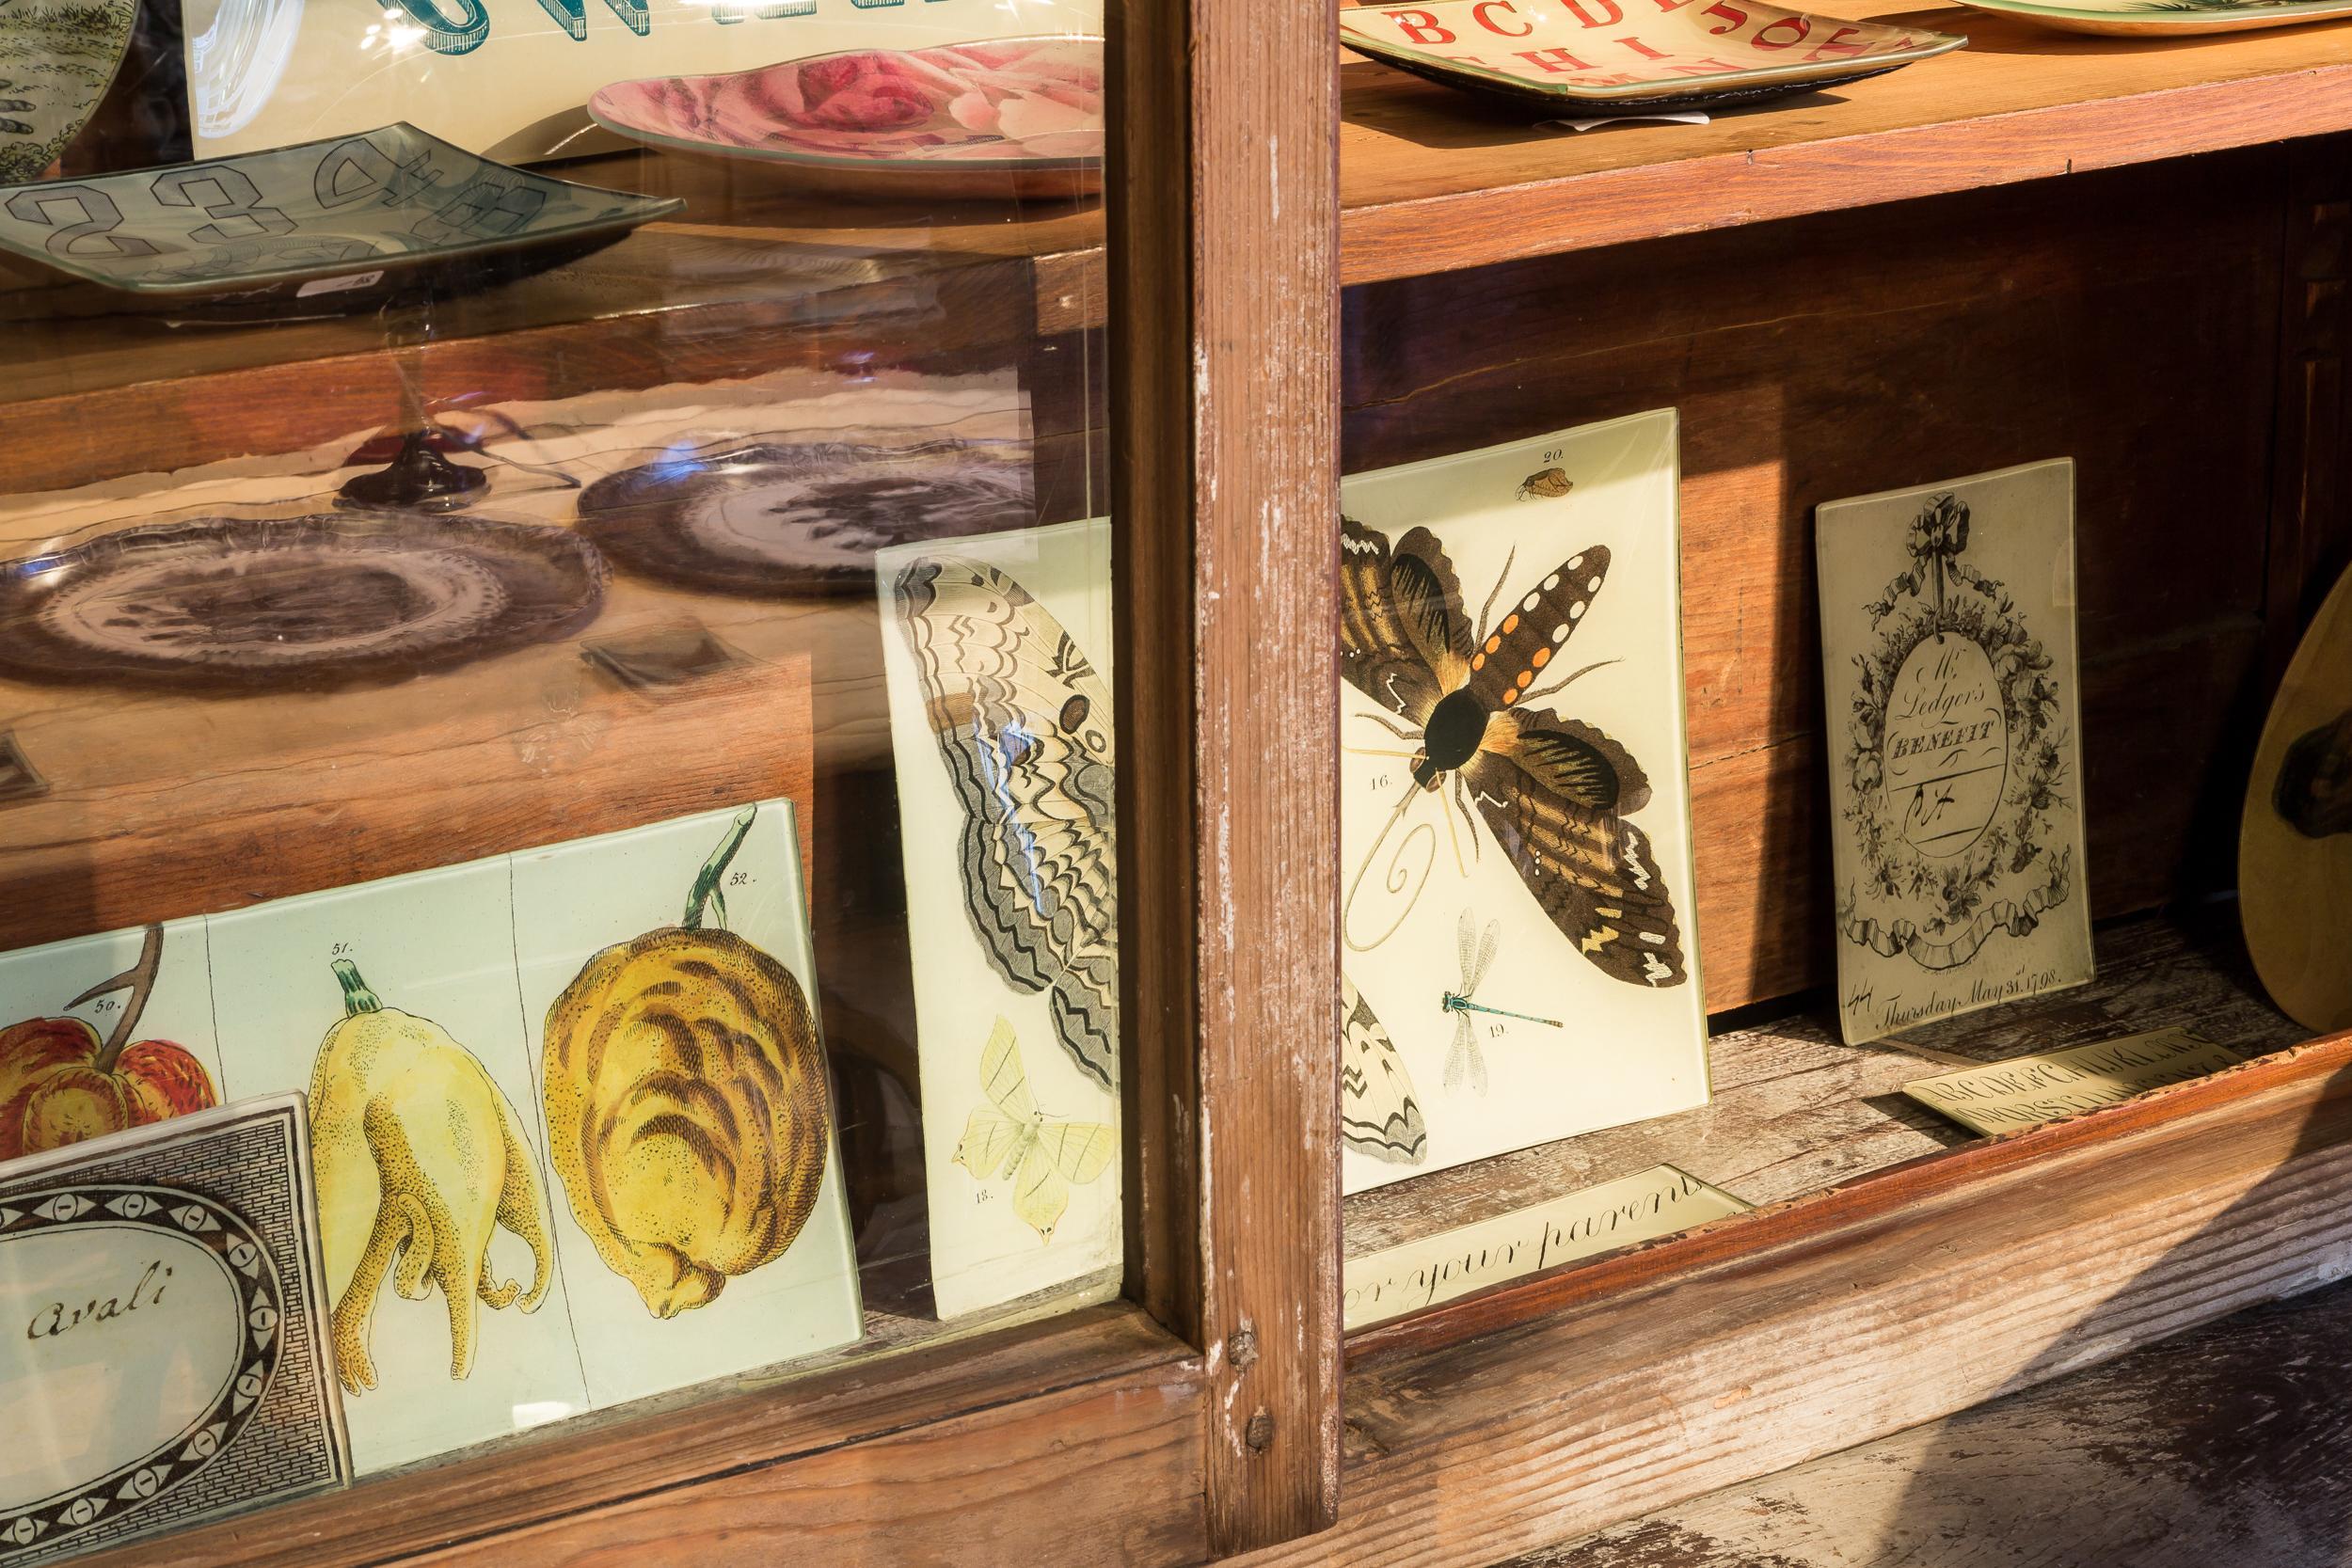 Figure animali e vegetali sono accostate a oggetti di design